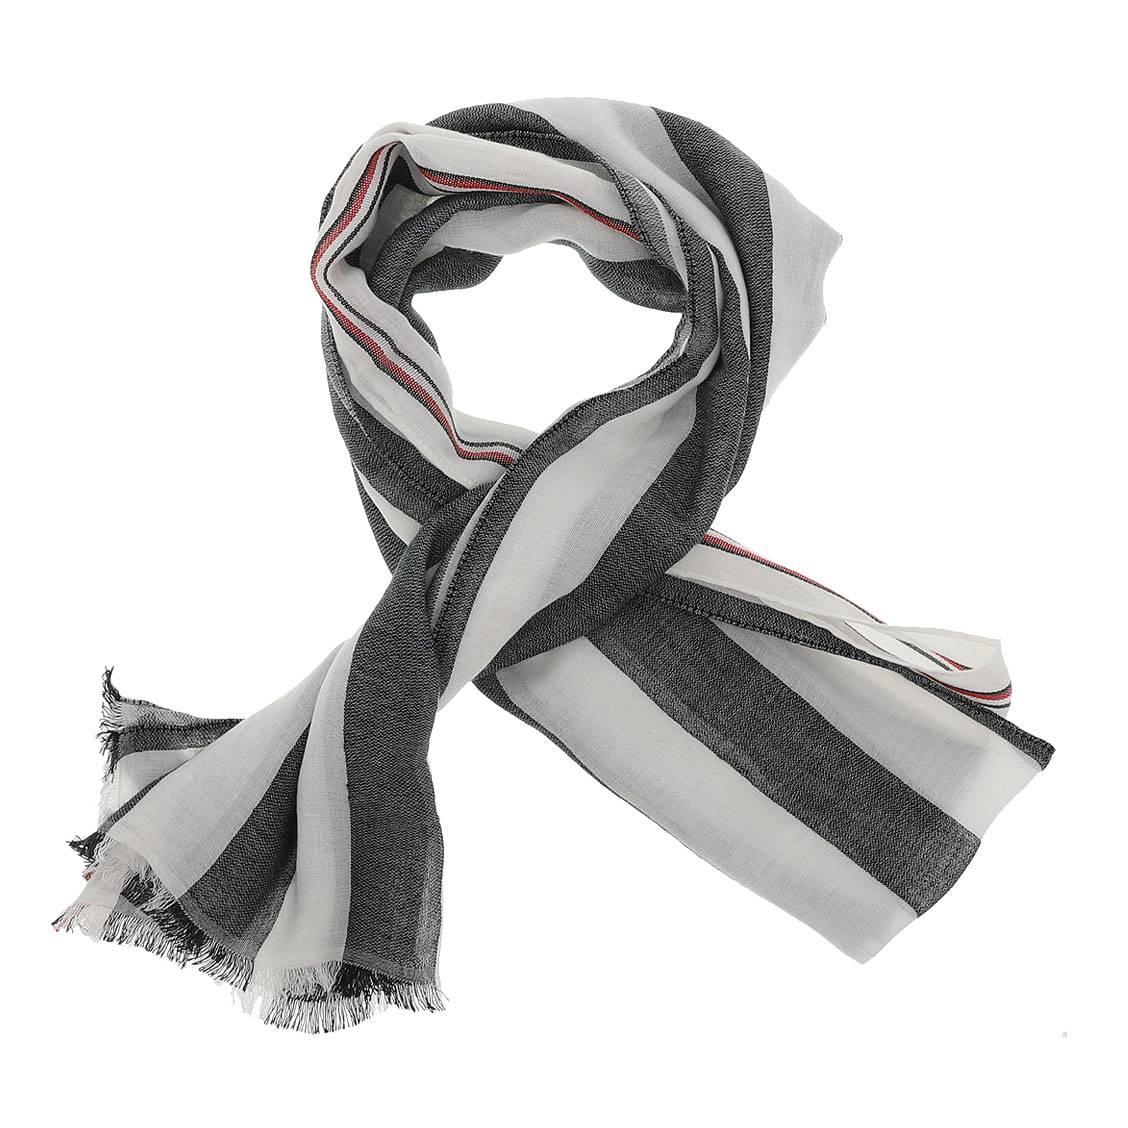 Foulard tommy hilfiger tailored stripes en modal mélangé blanc et gris anthracite rayé